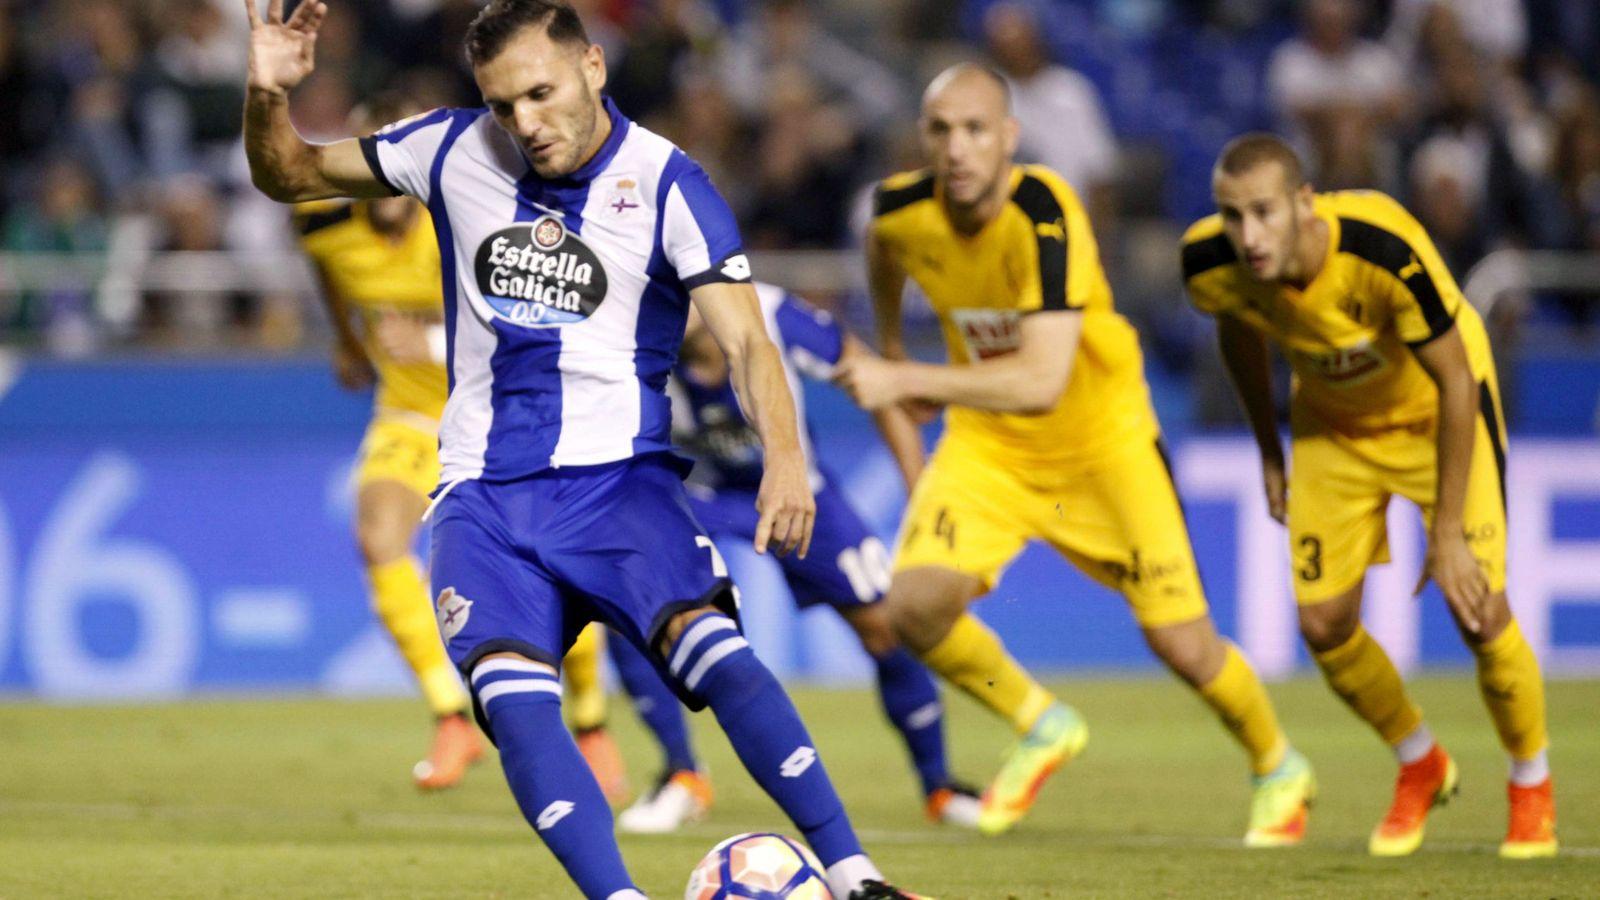 Foto: Lucas Pérez es claro objetivo del Everton para reforzar la plantilla de Ronald Koeman (EFE)